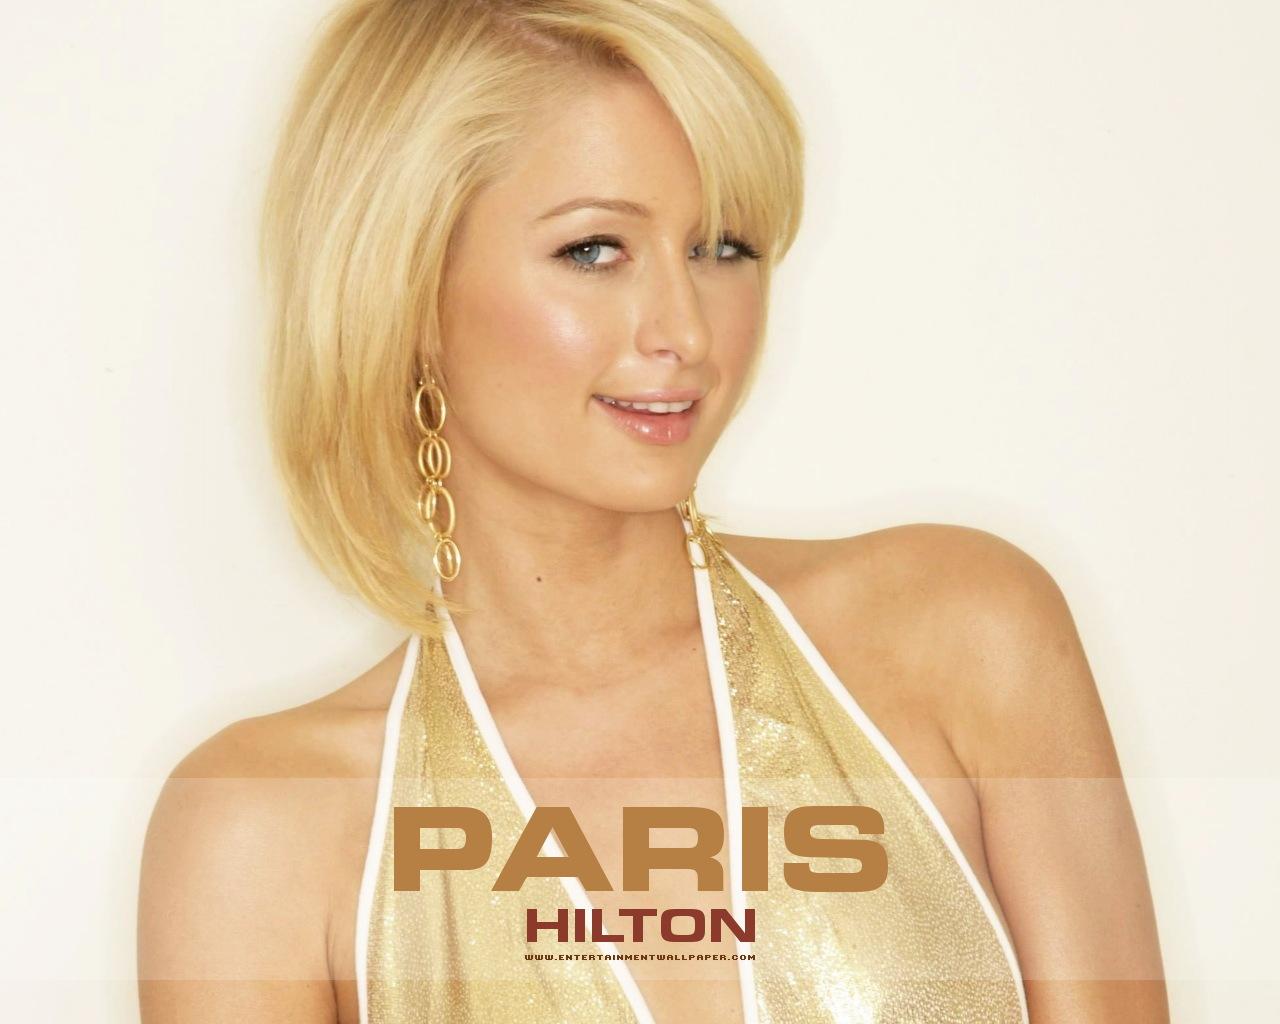 Go Go Go New Hot Paris Hilton Sexy Wallpapers-8933